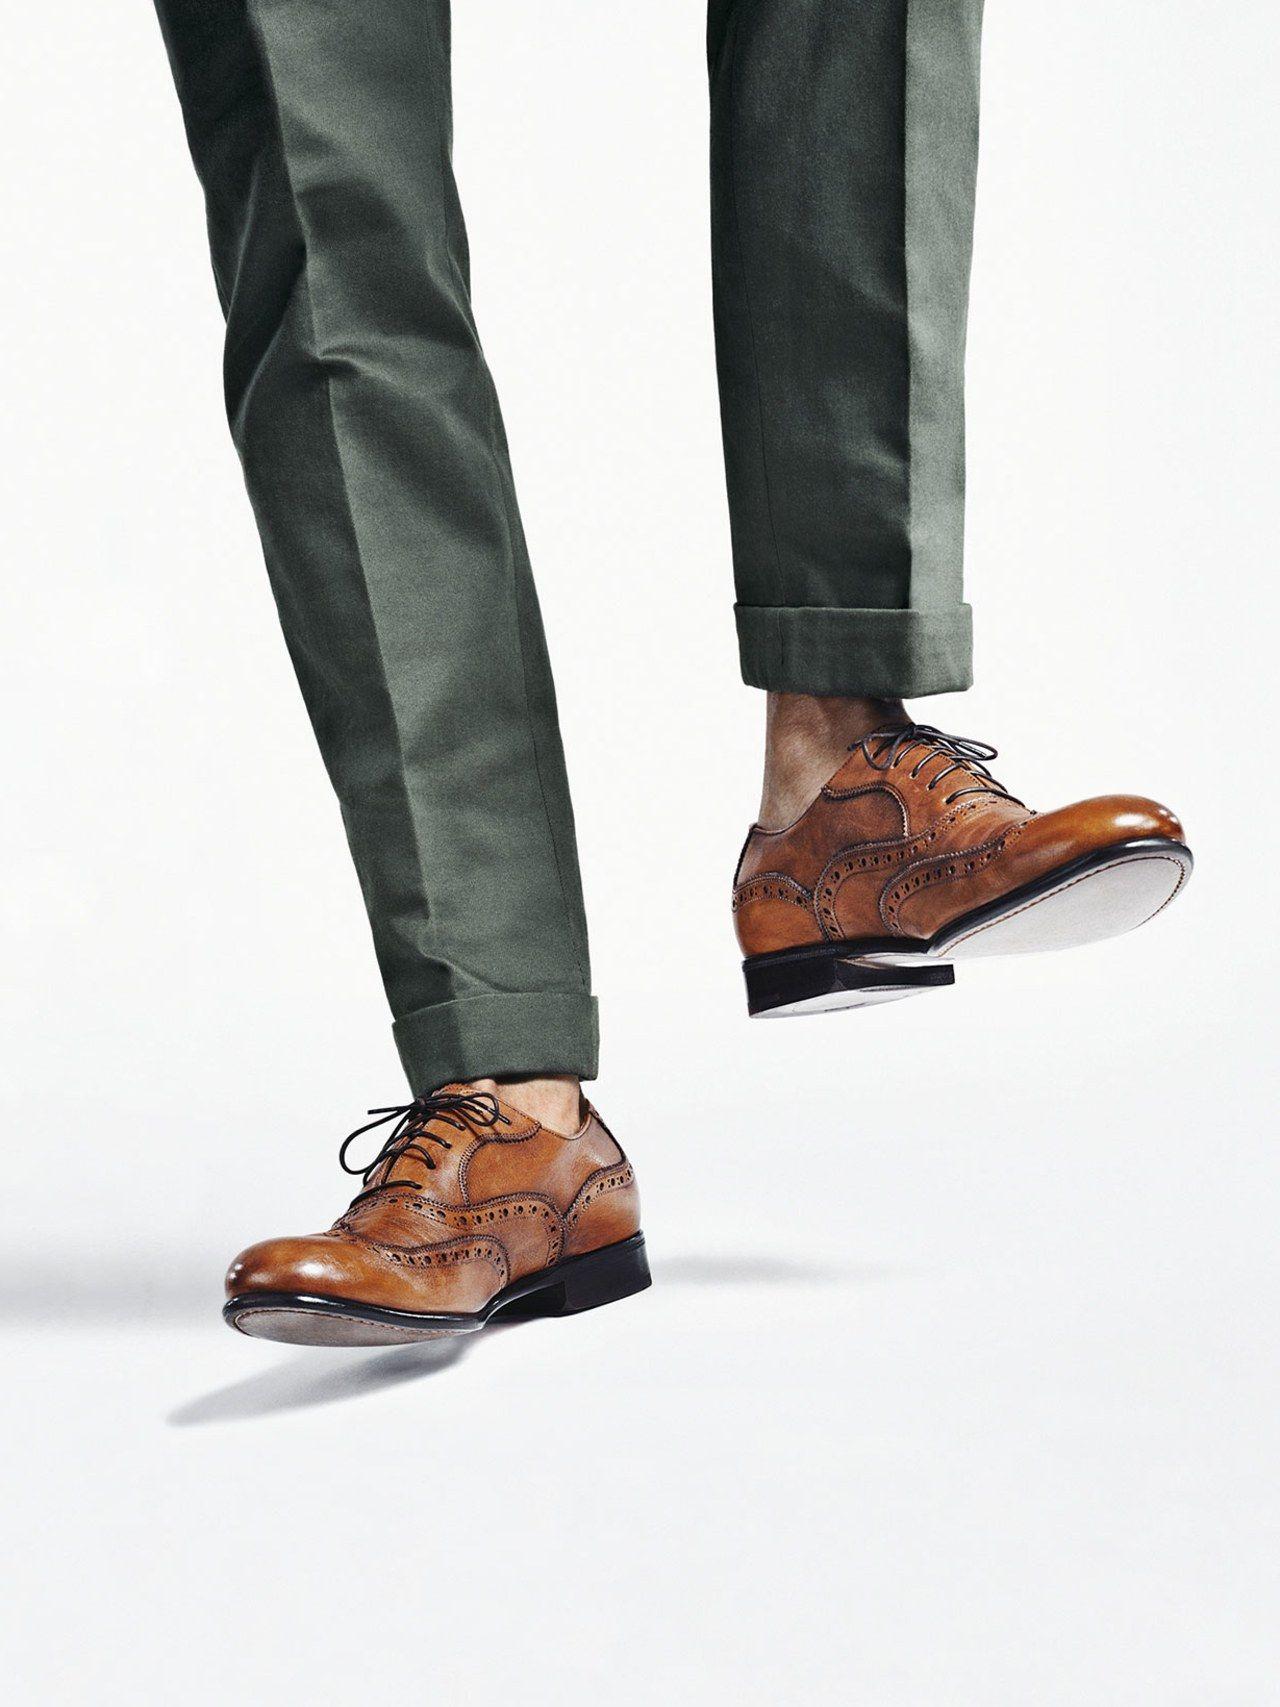 494ecc2fec26 GQ recommends these superior no show socks (a.k.a. invisible socks